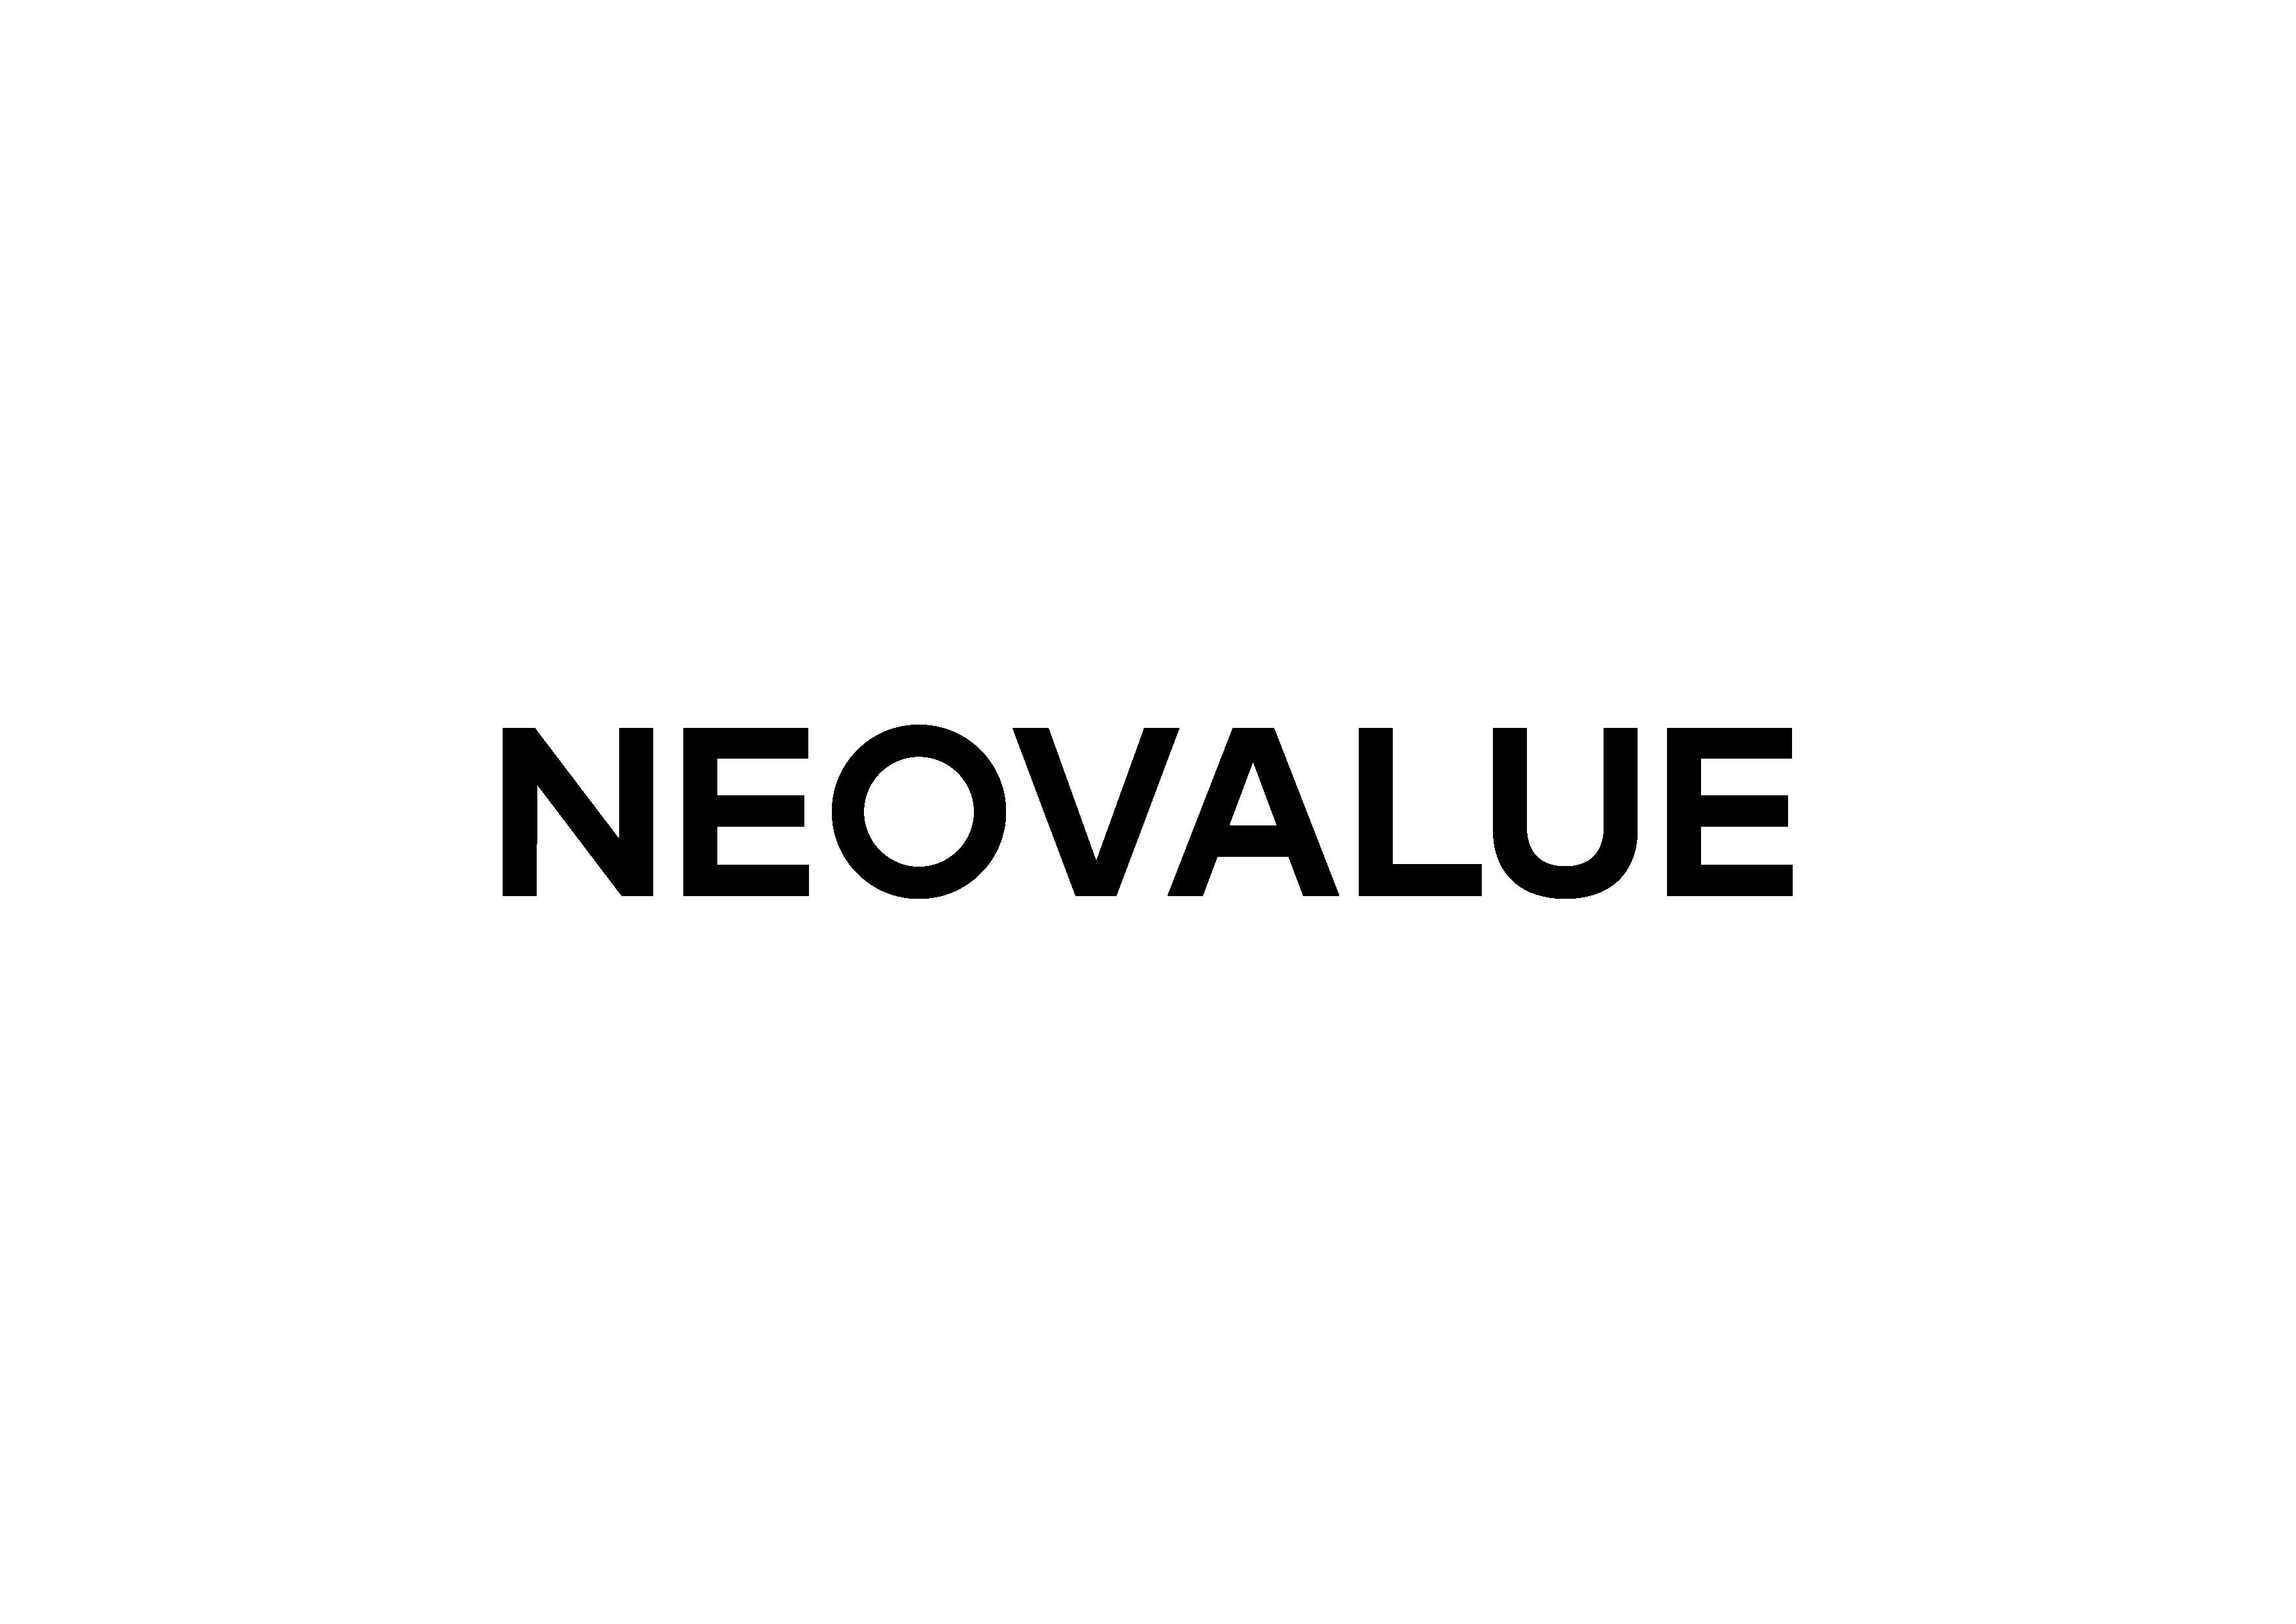 네오밸류(주)의 기업로고